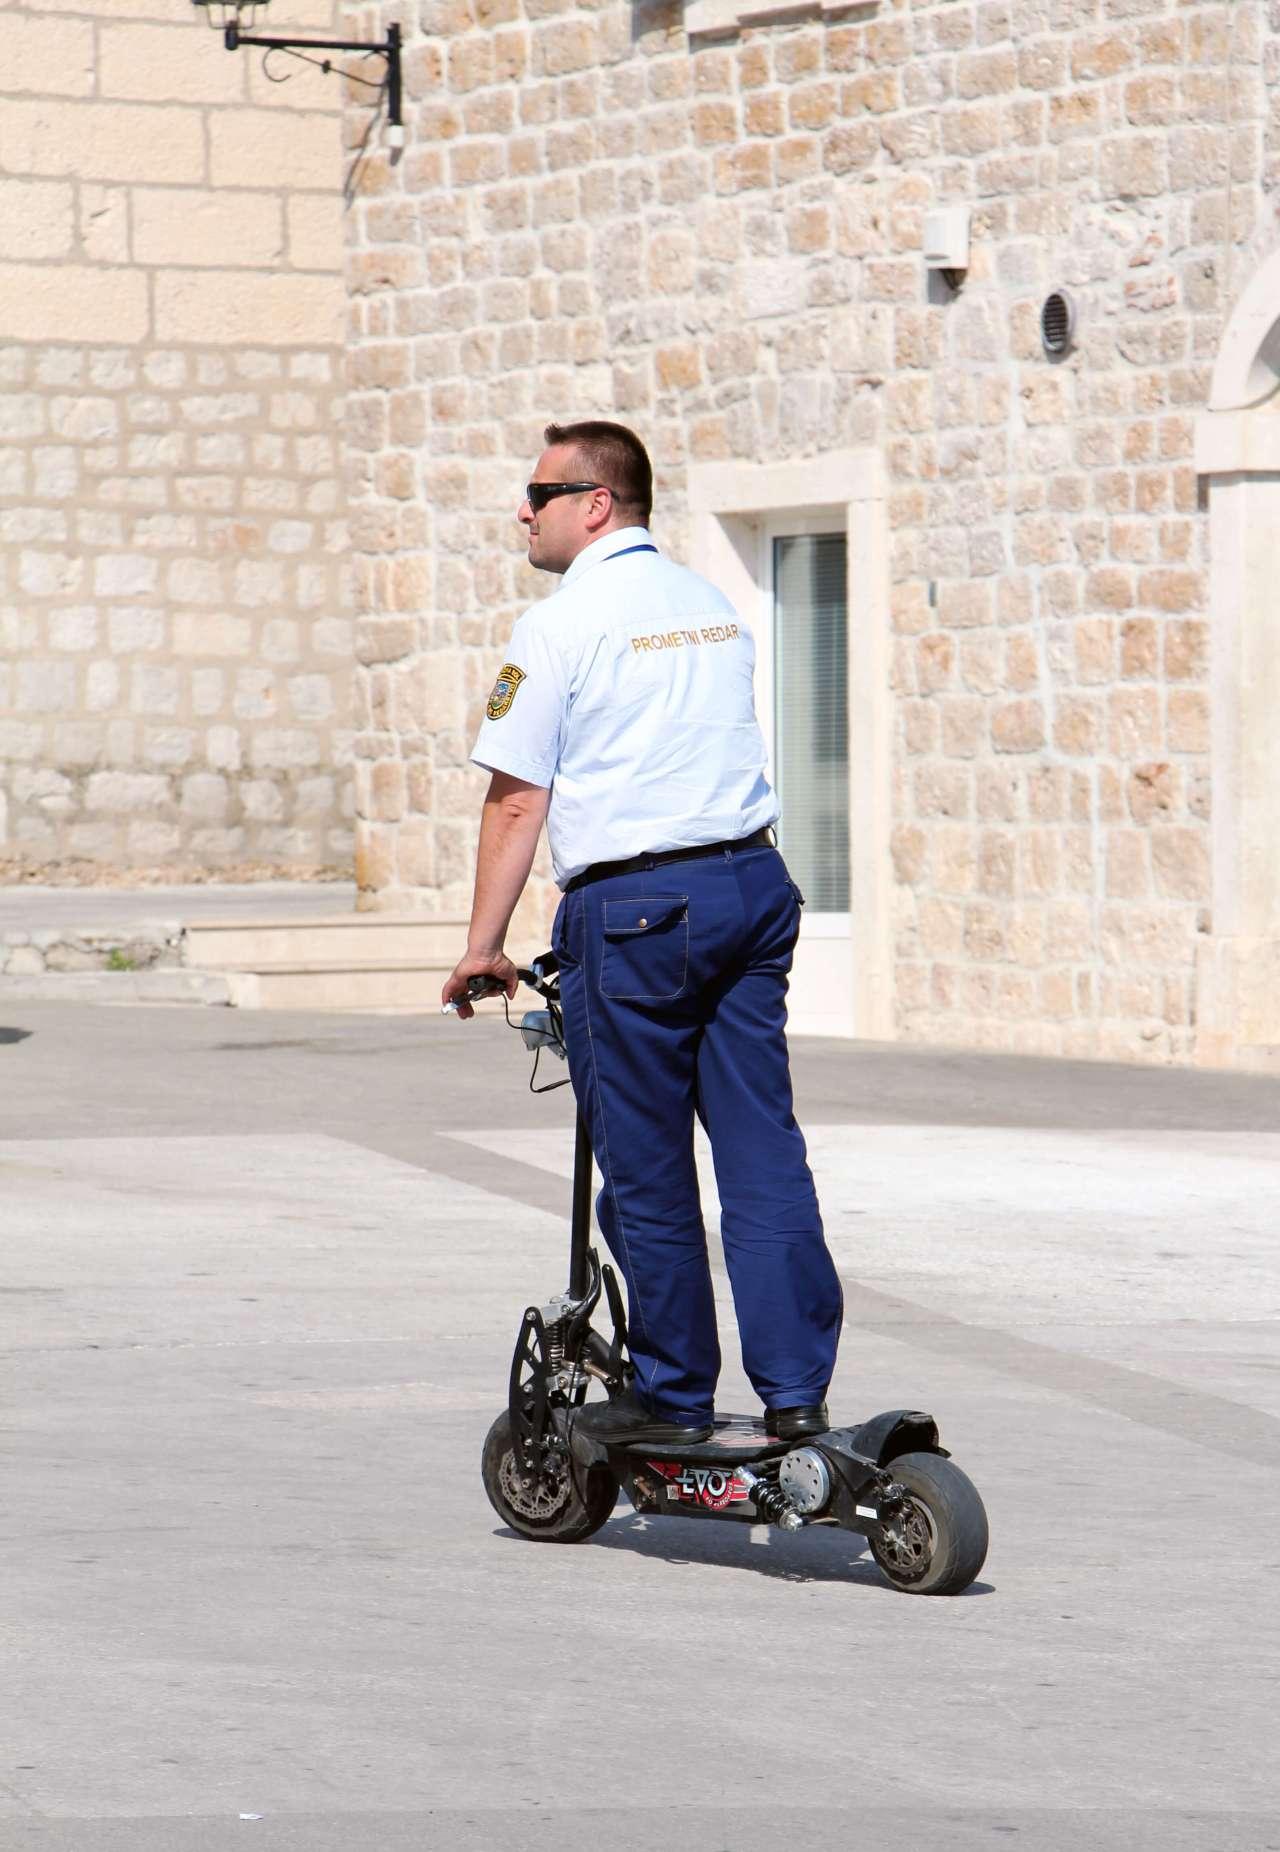 Croatian Scooter Cop